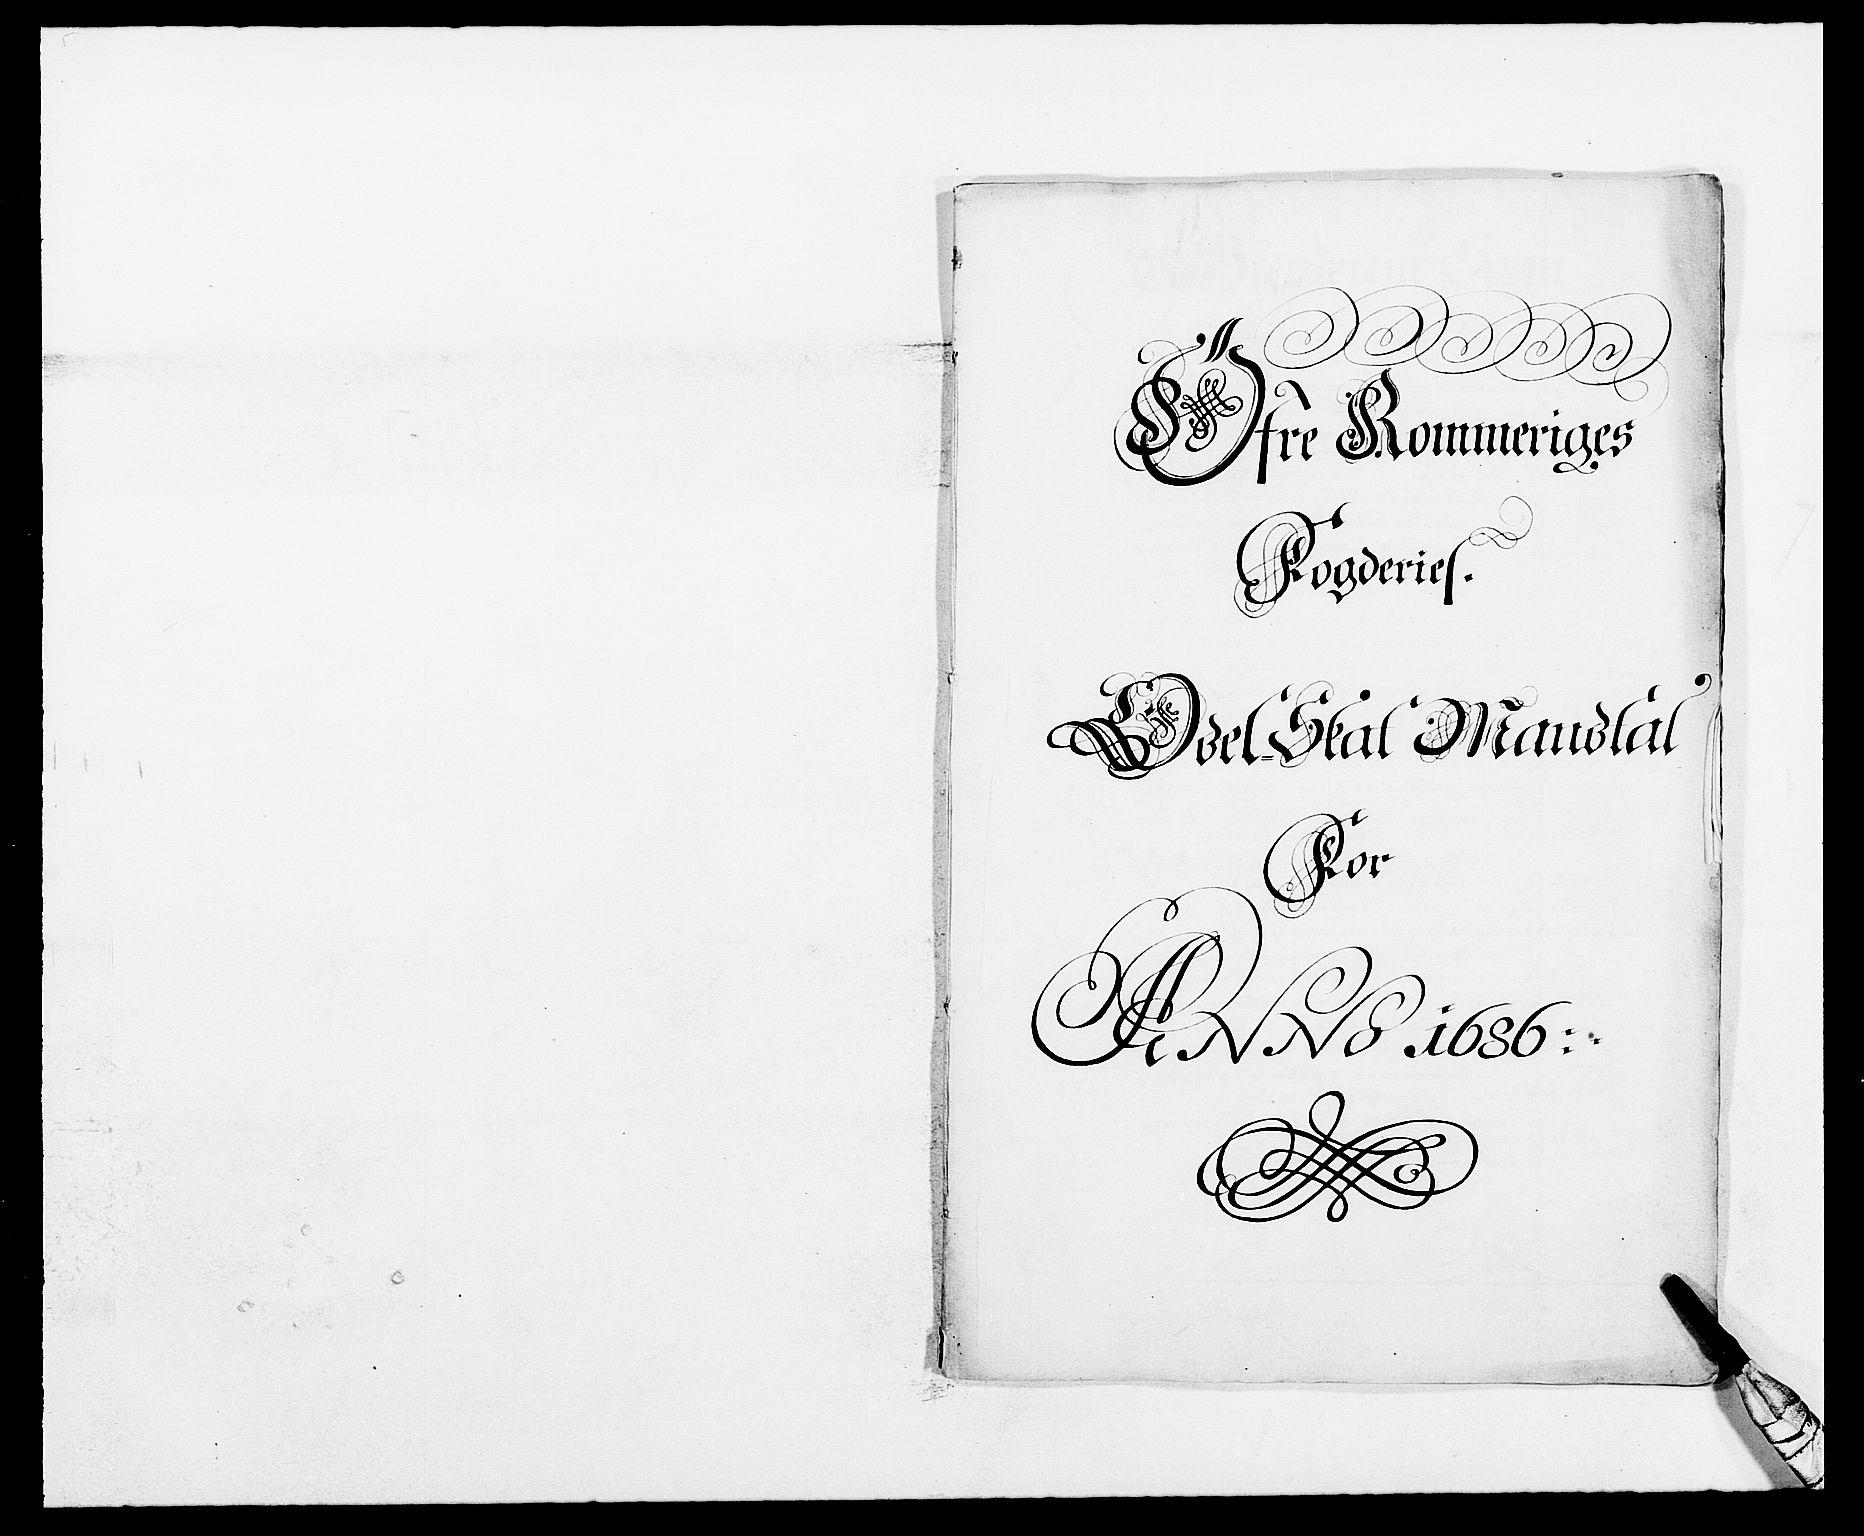 RA, Rentekammeret inntil 1814, Reviderte regnskaper, Fogderegnskap, R12/L0699: Fogderegnskap Øvre Romerike, 1685-1686, s. 275